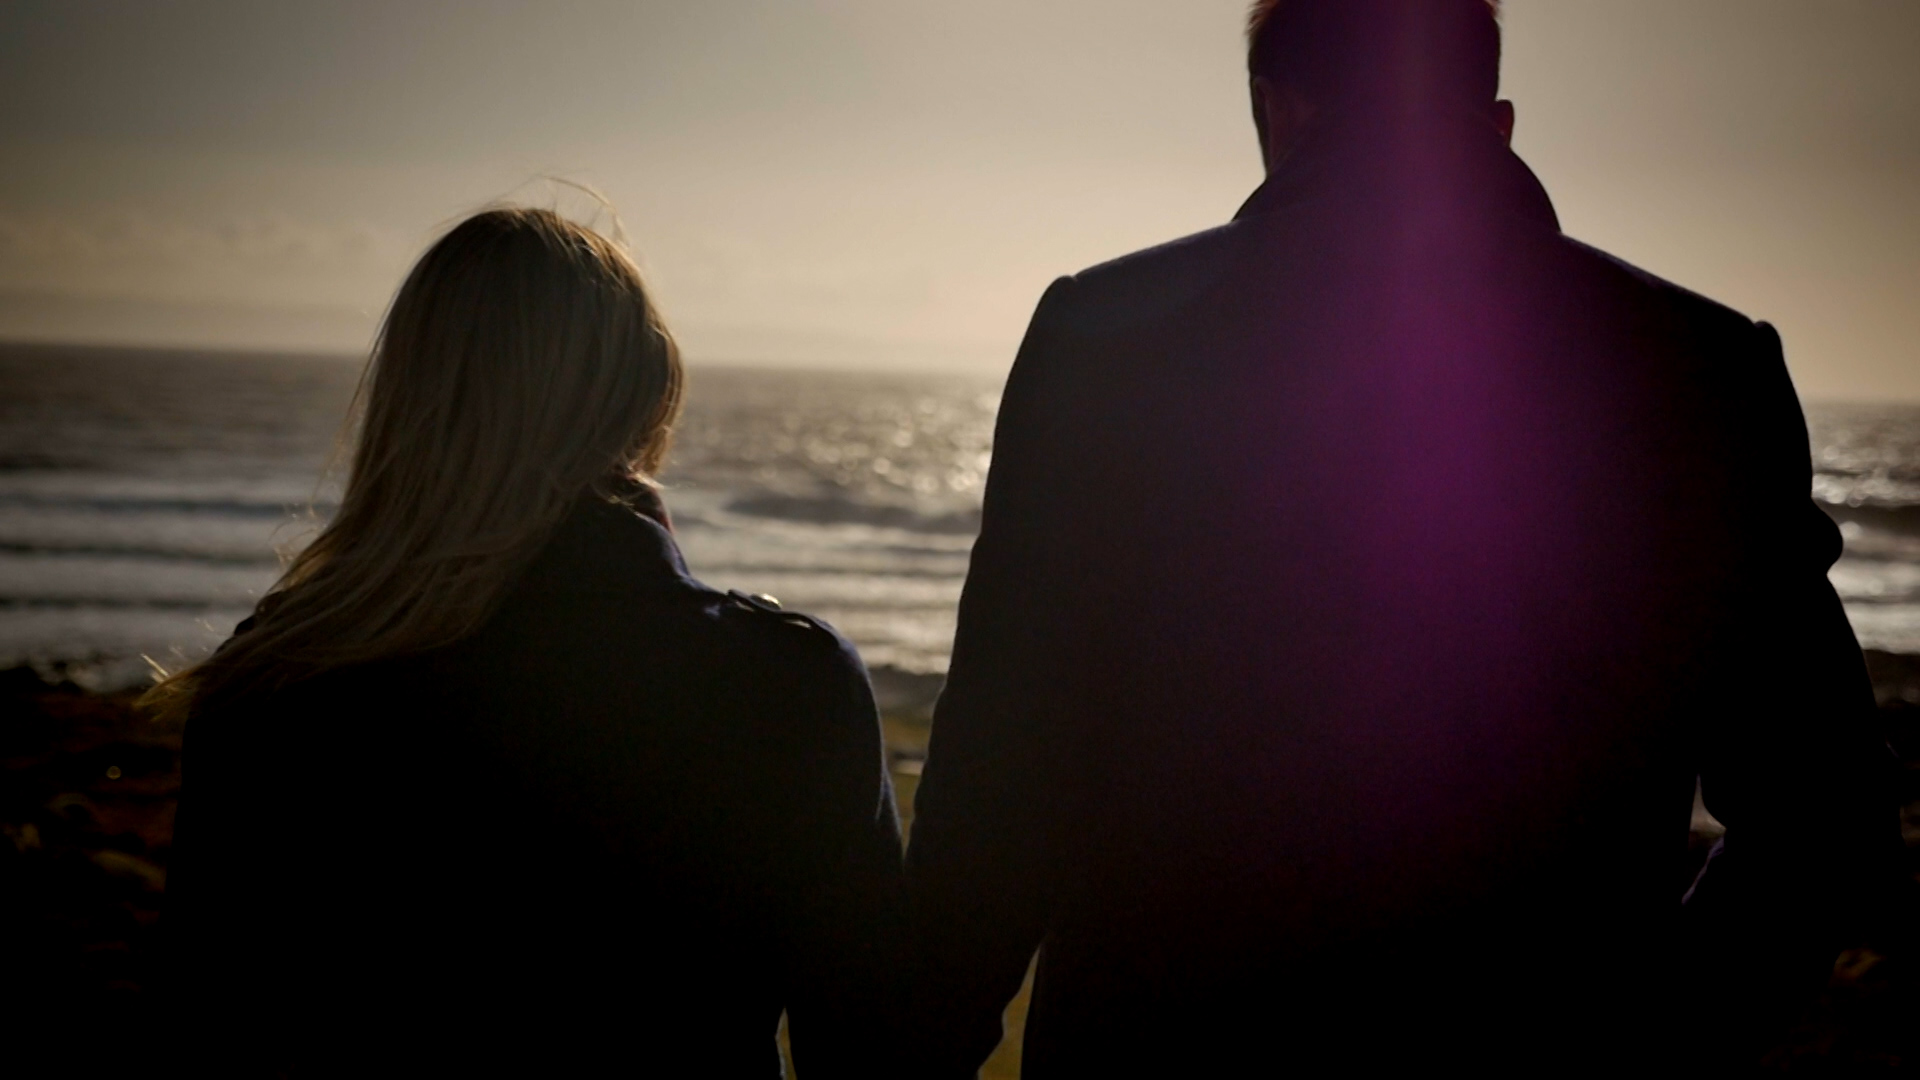 Couple sunset Beach video still